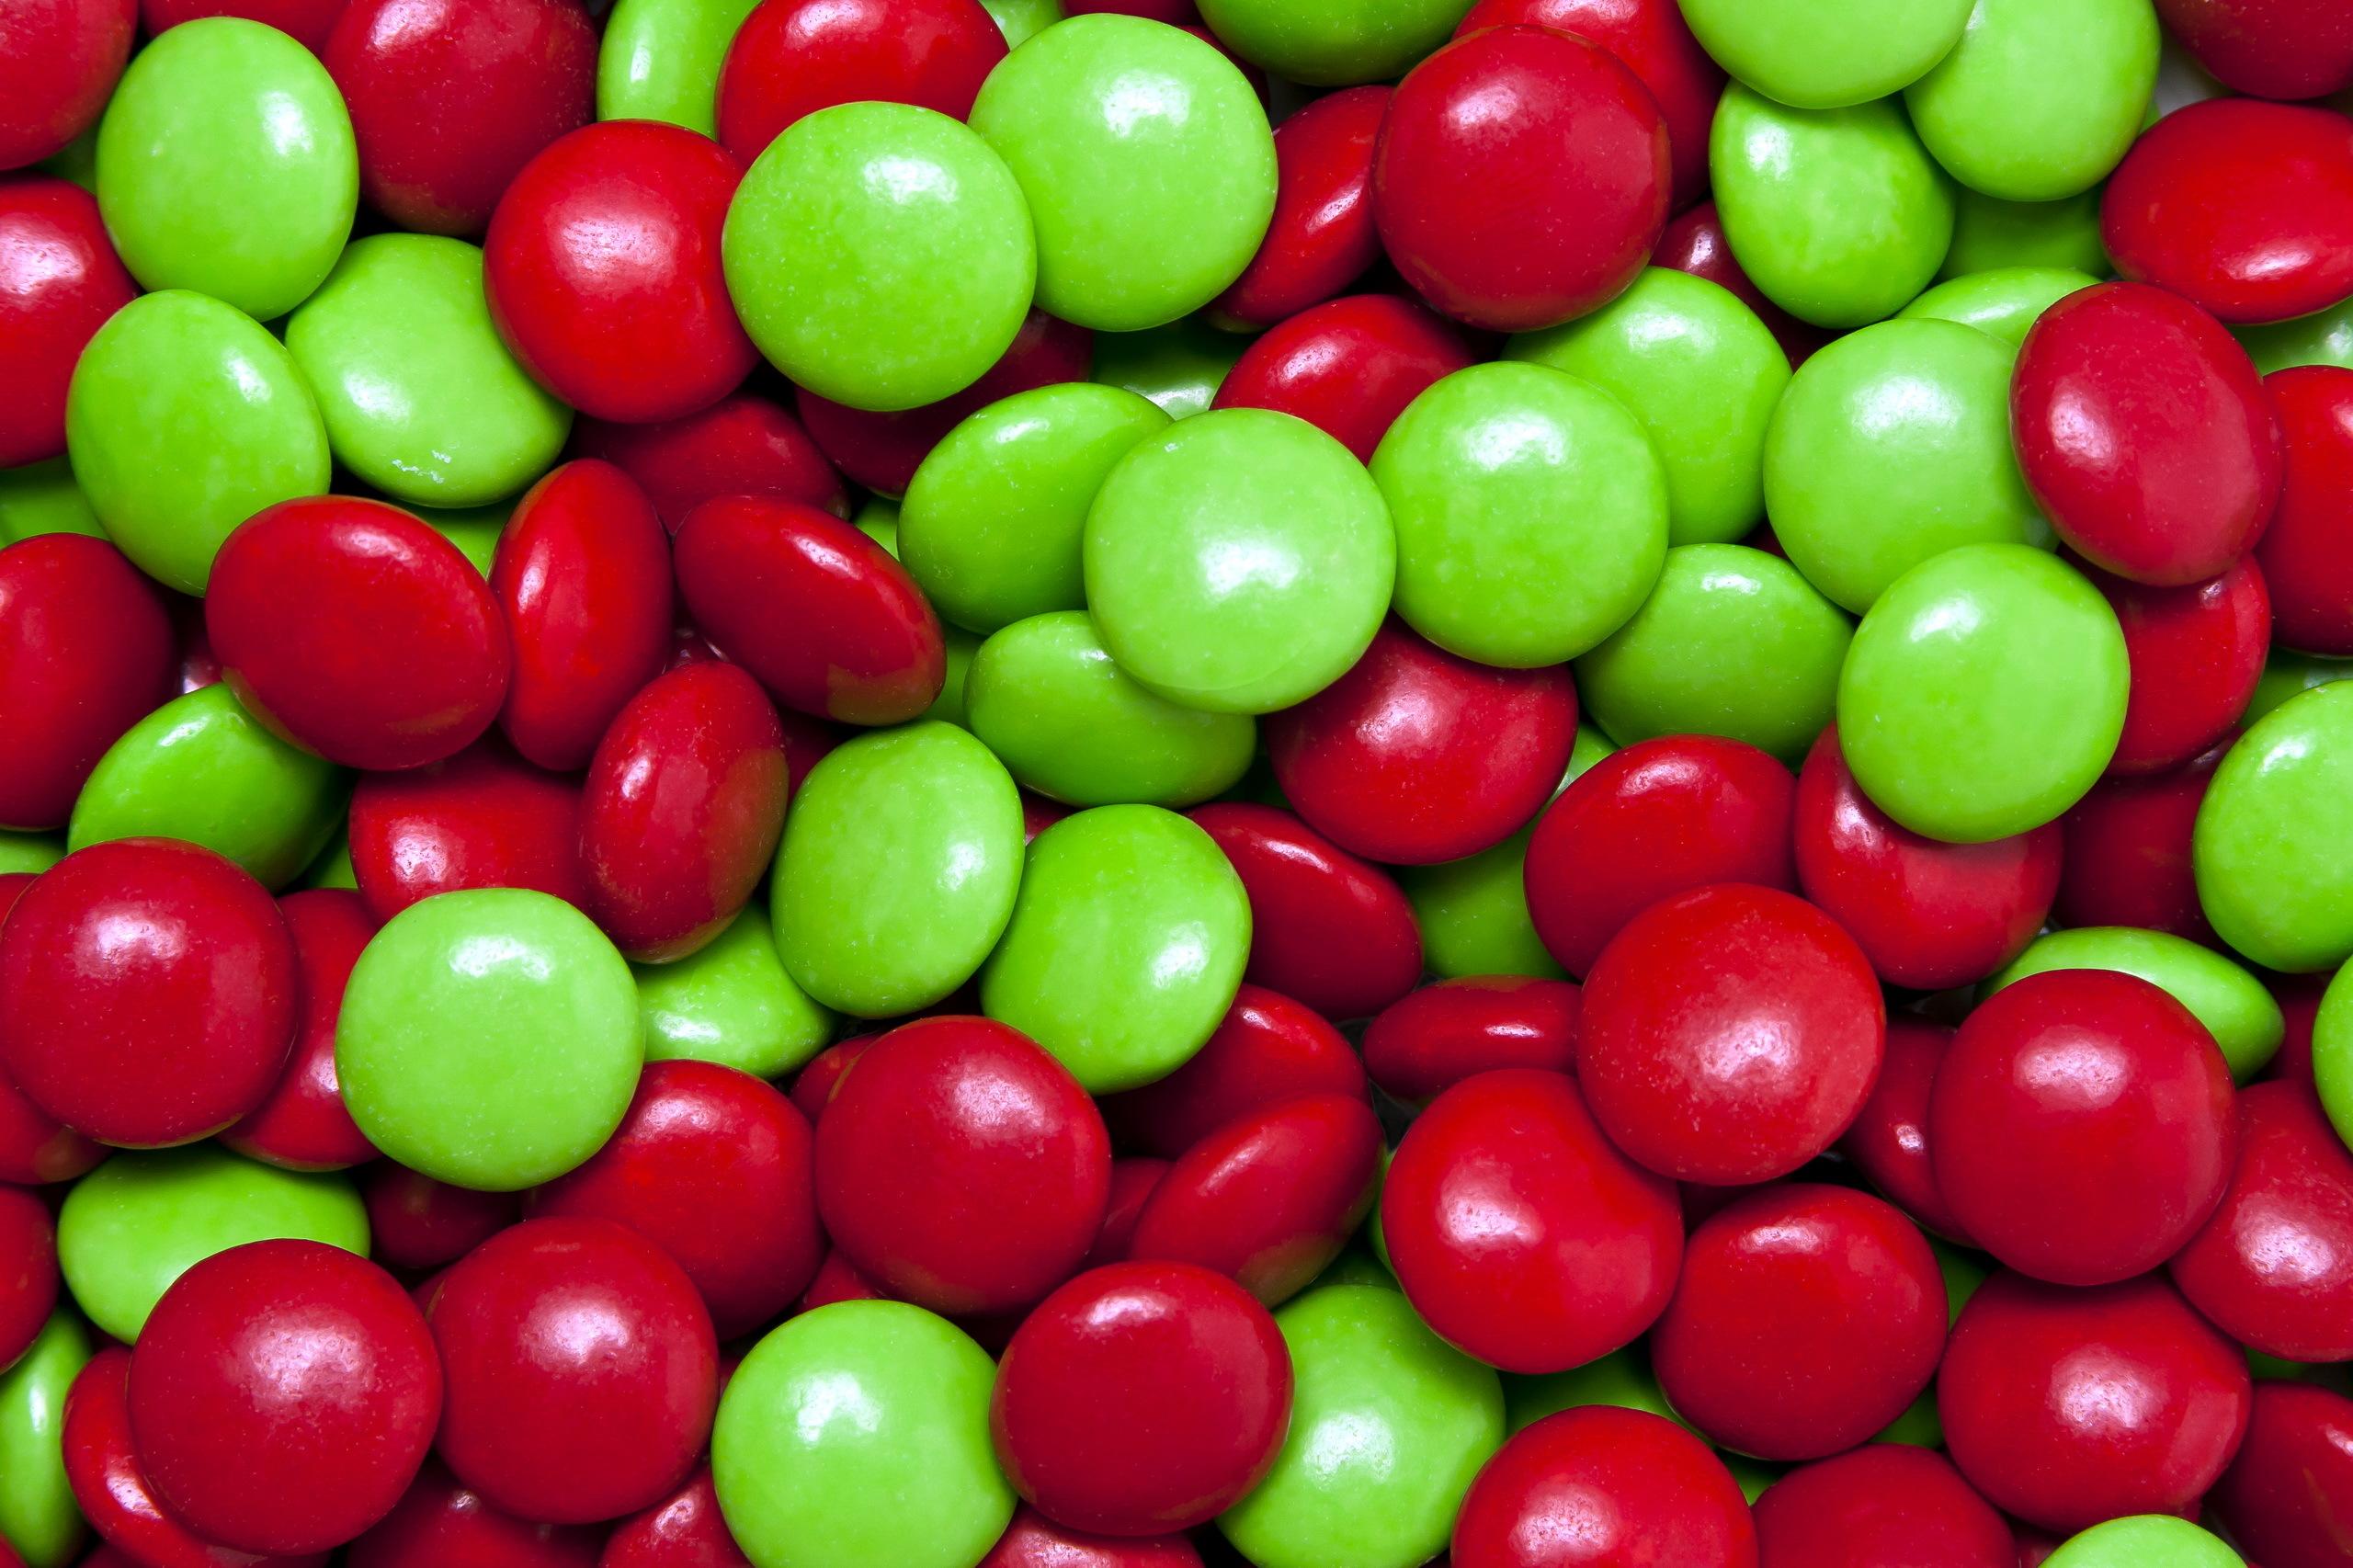 девушка картинка конфетка переплетение красного с зеленым лучшей